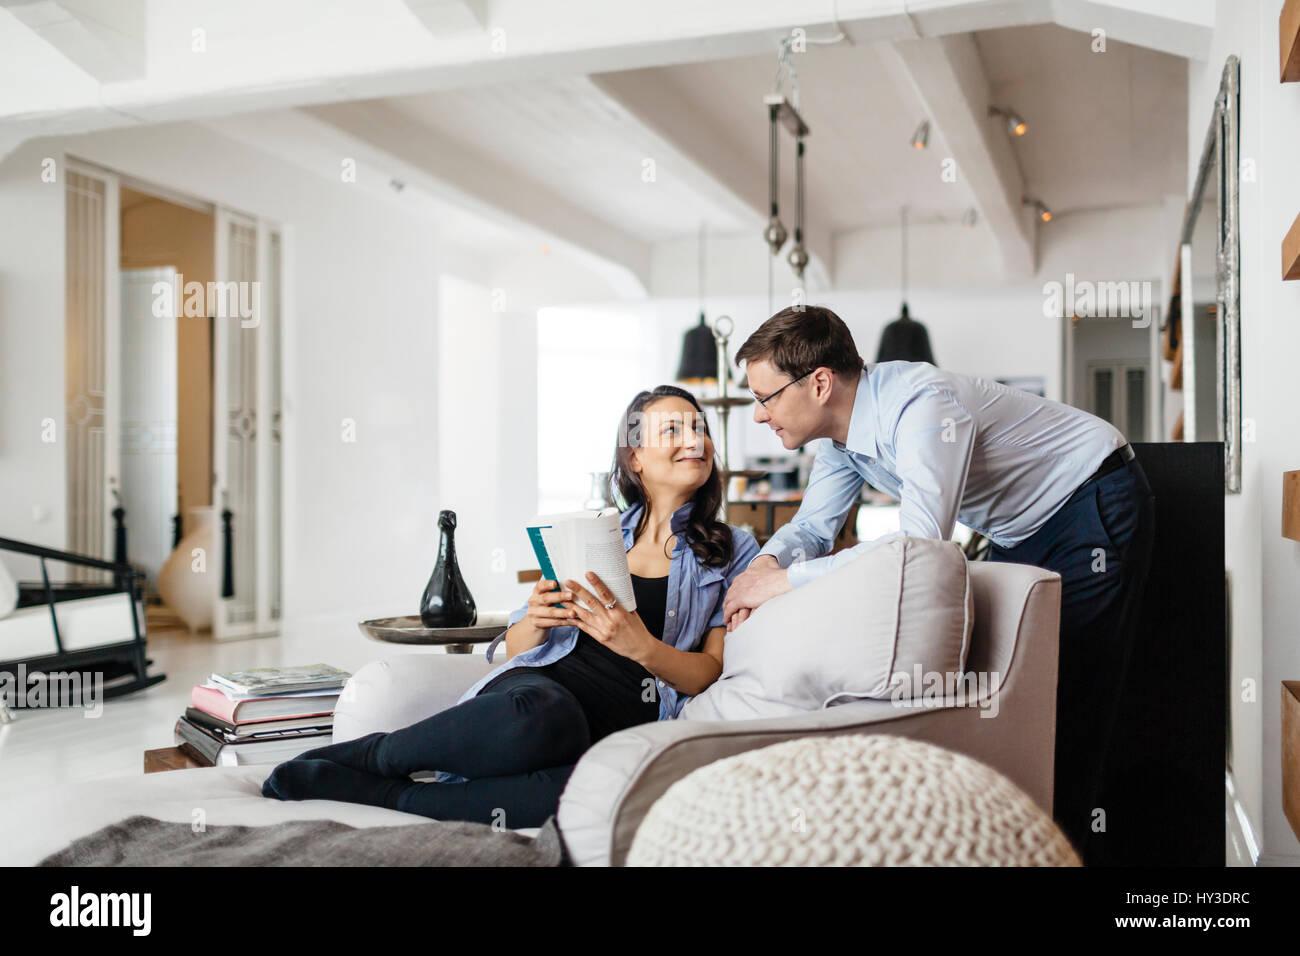 Allemagne, femme assise sur un canapé et souriant à l'homme Photo Stock